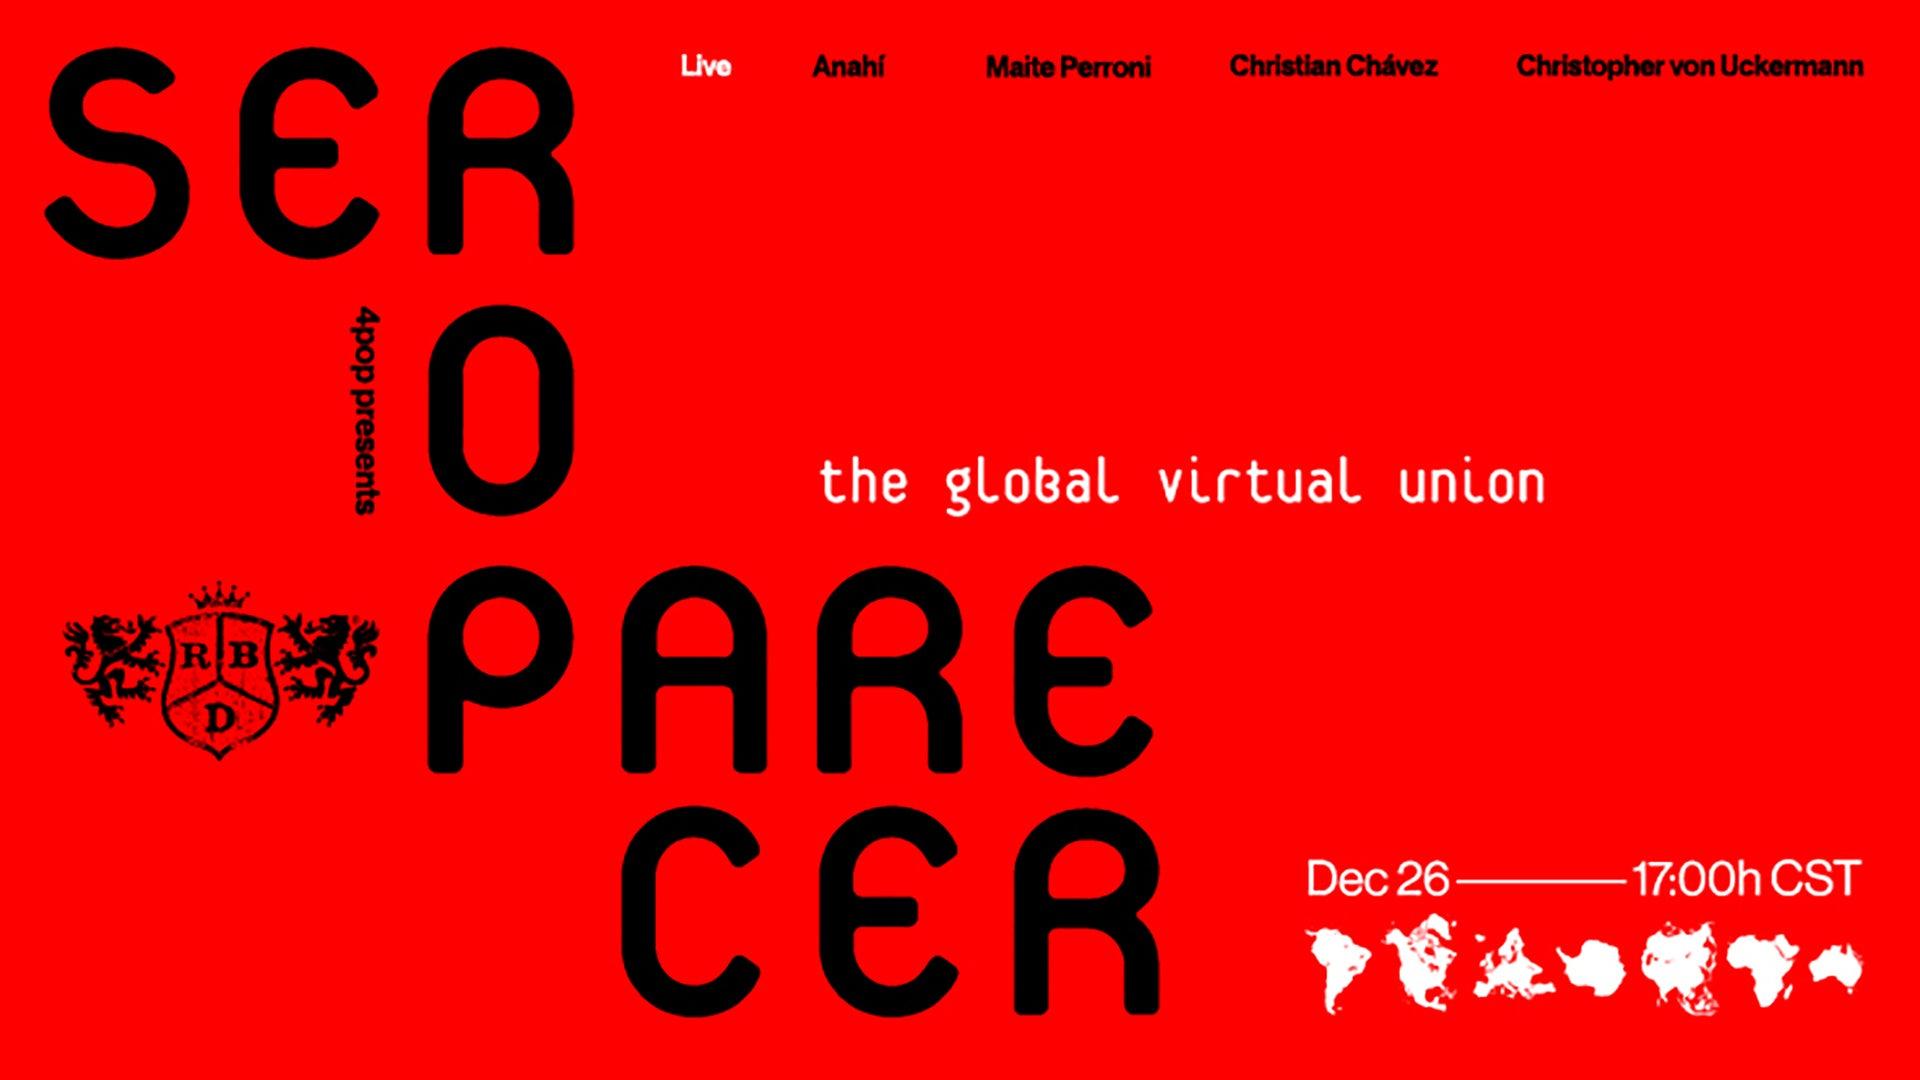 RBD ANNOUNCES WORLDWIDE EVENT 'SER O PARECER' — Live Nation